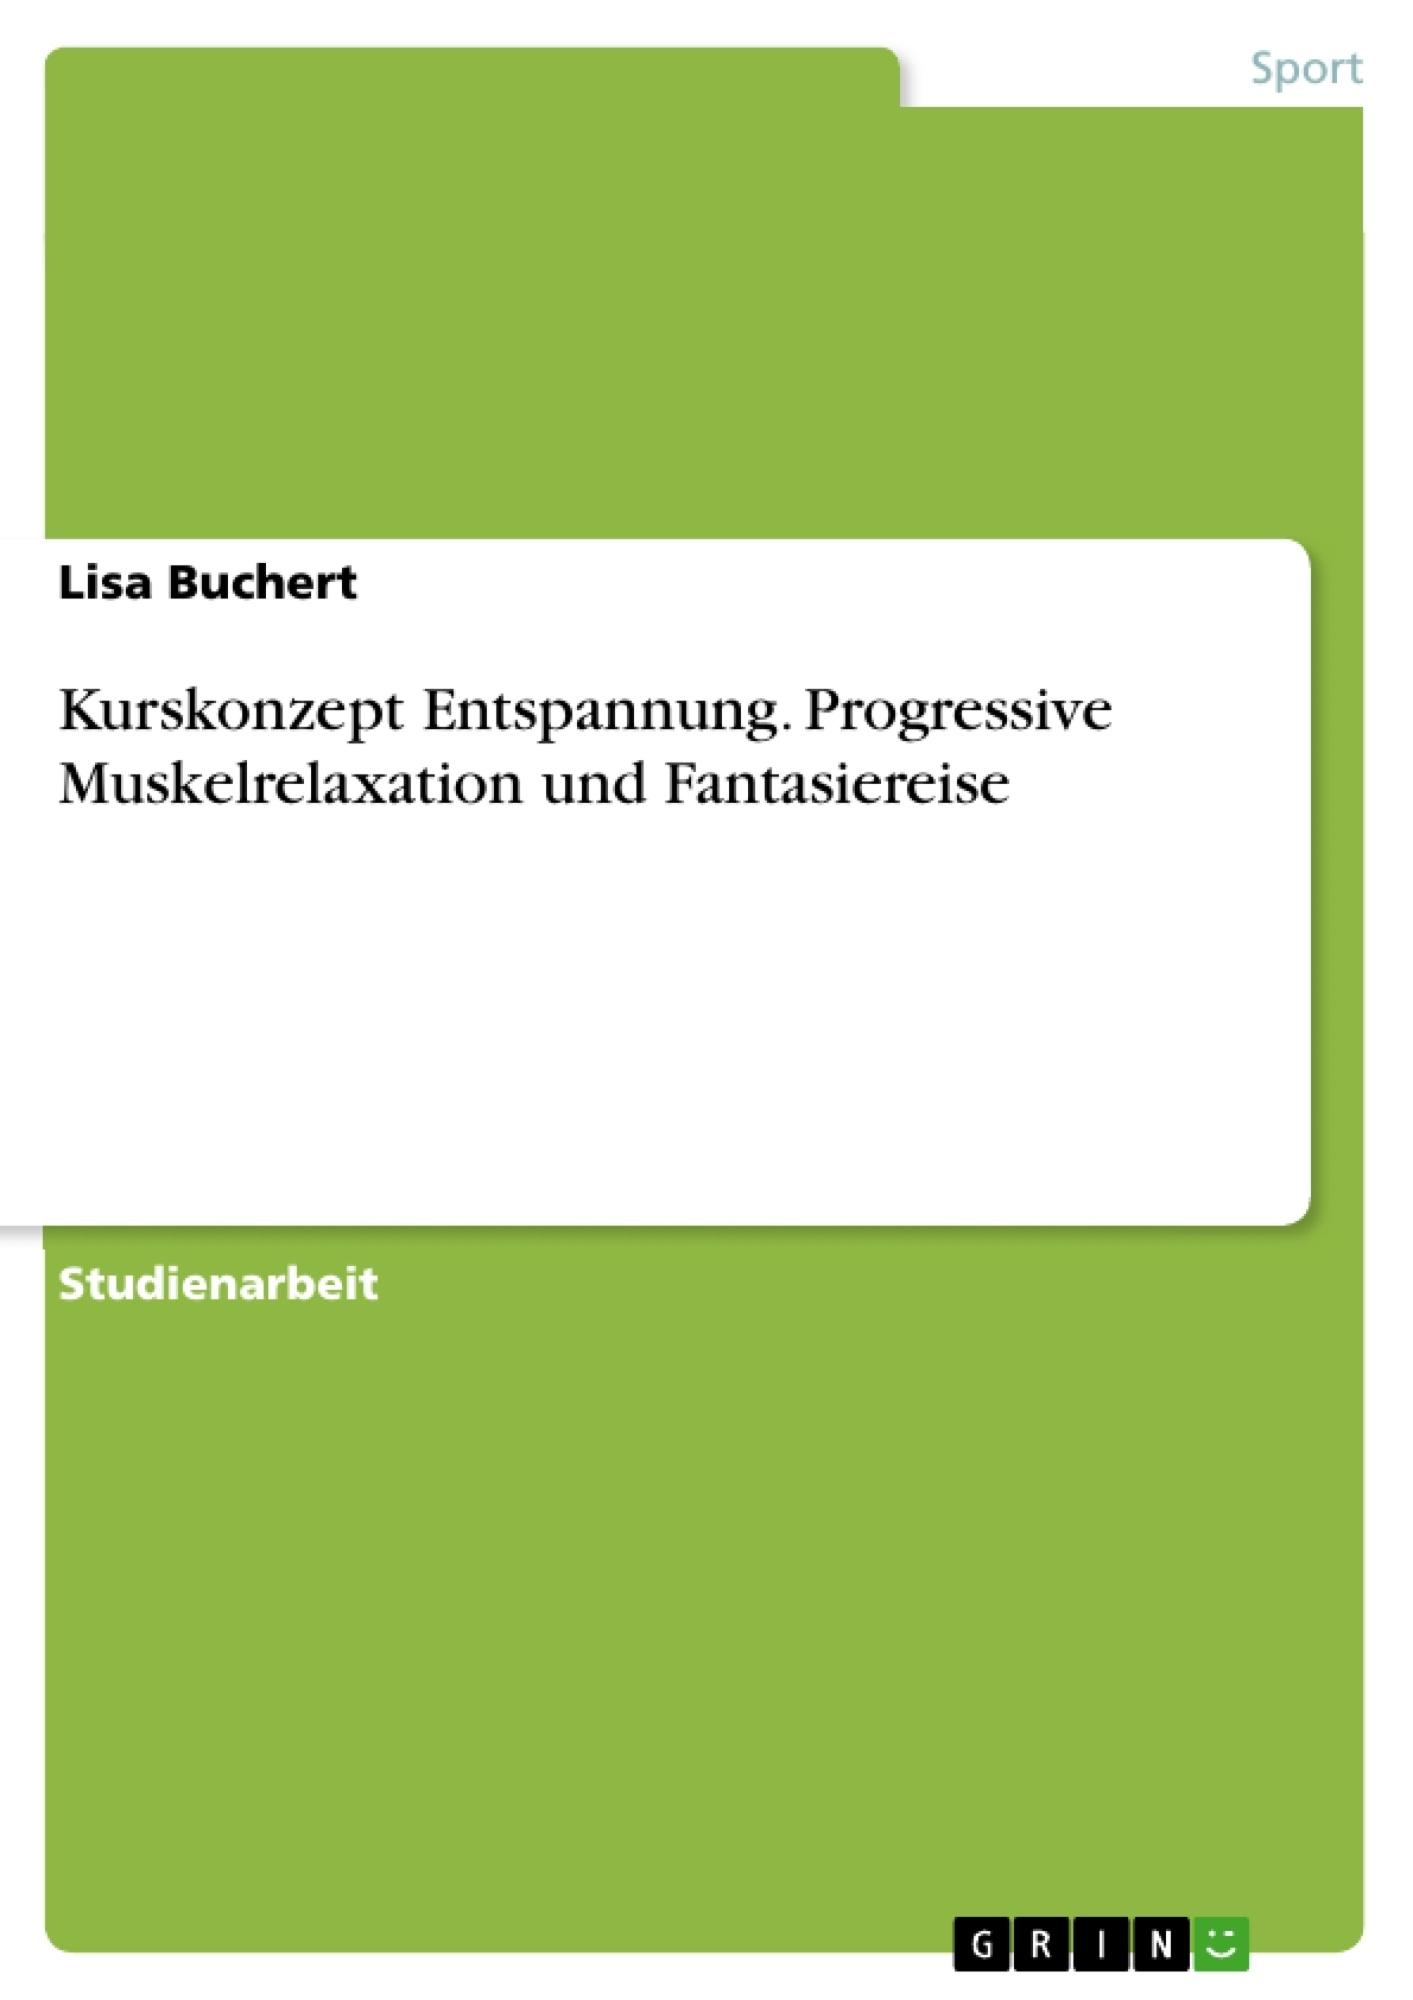 Titel: Kurskonzept Entspannung. Progressive Muskelrelaxation und Fantasiereise